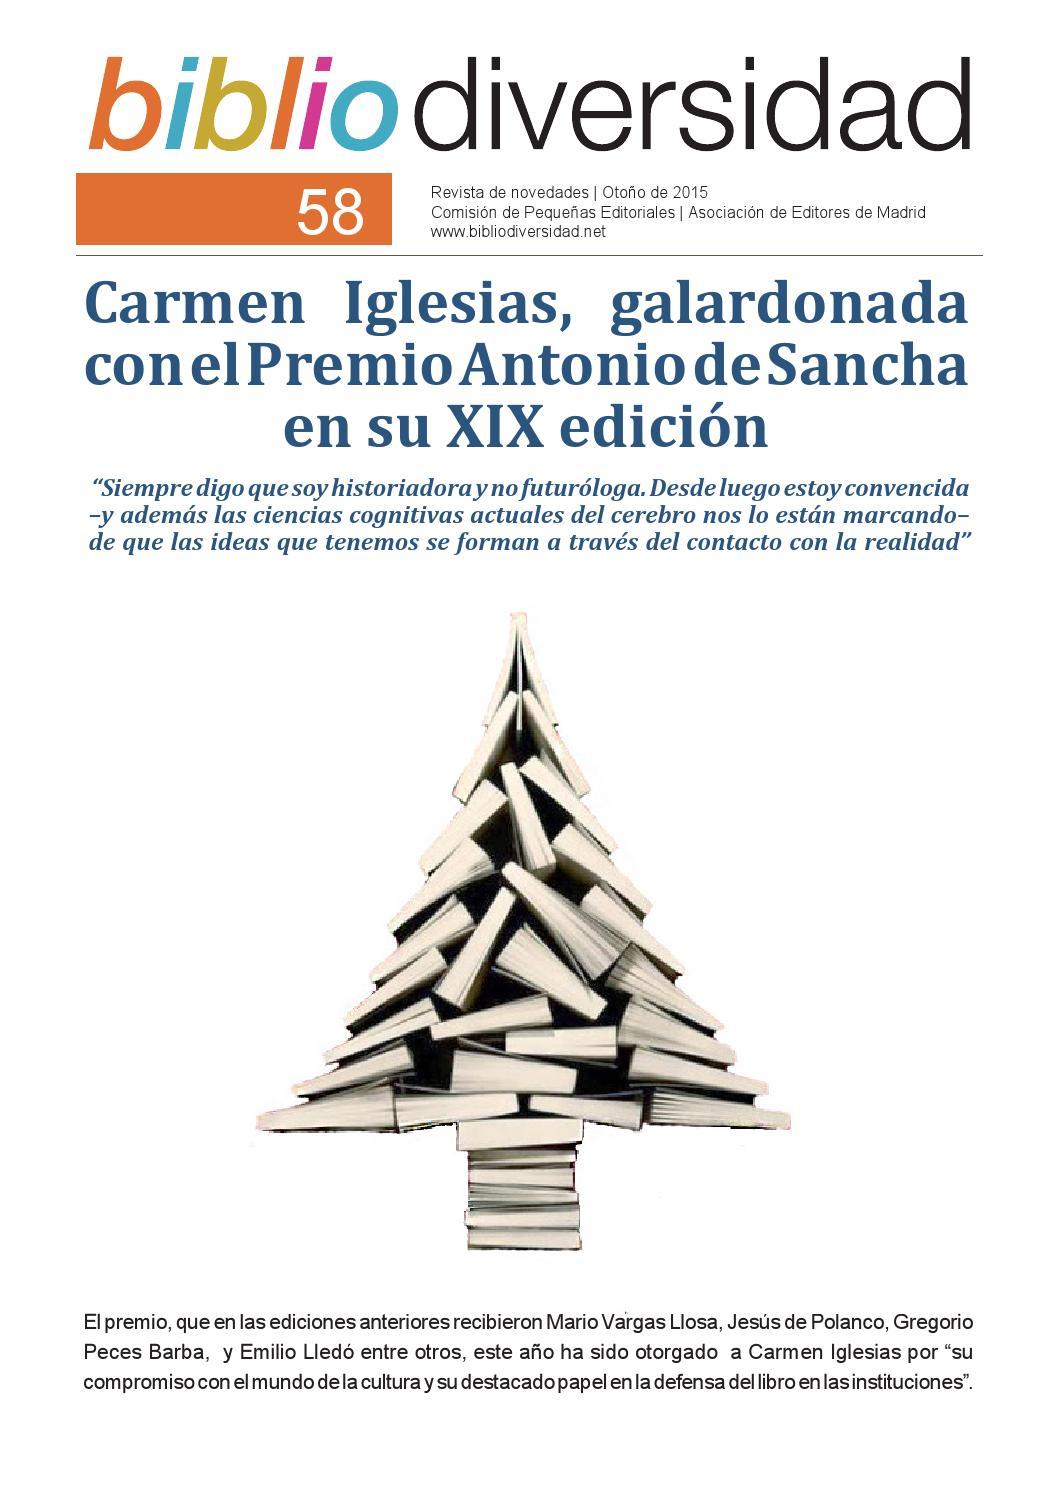 Resvista Bibliodiversidad - número 58 - 2015 by Dialogue - issuu